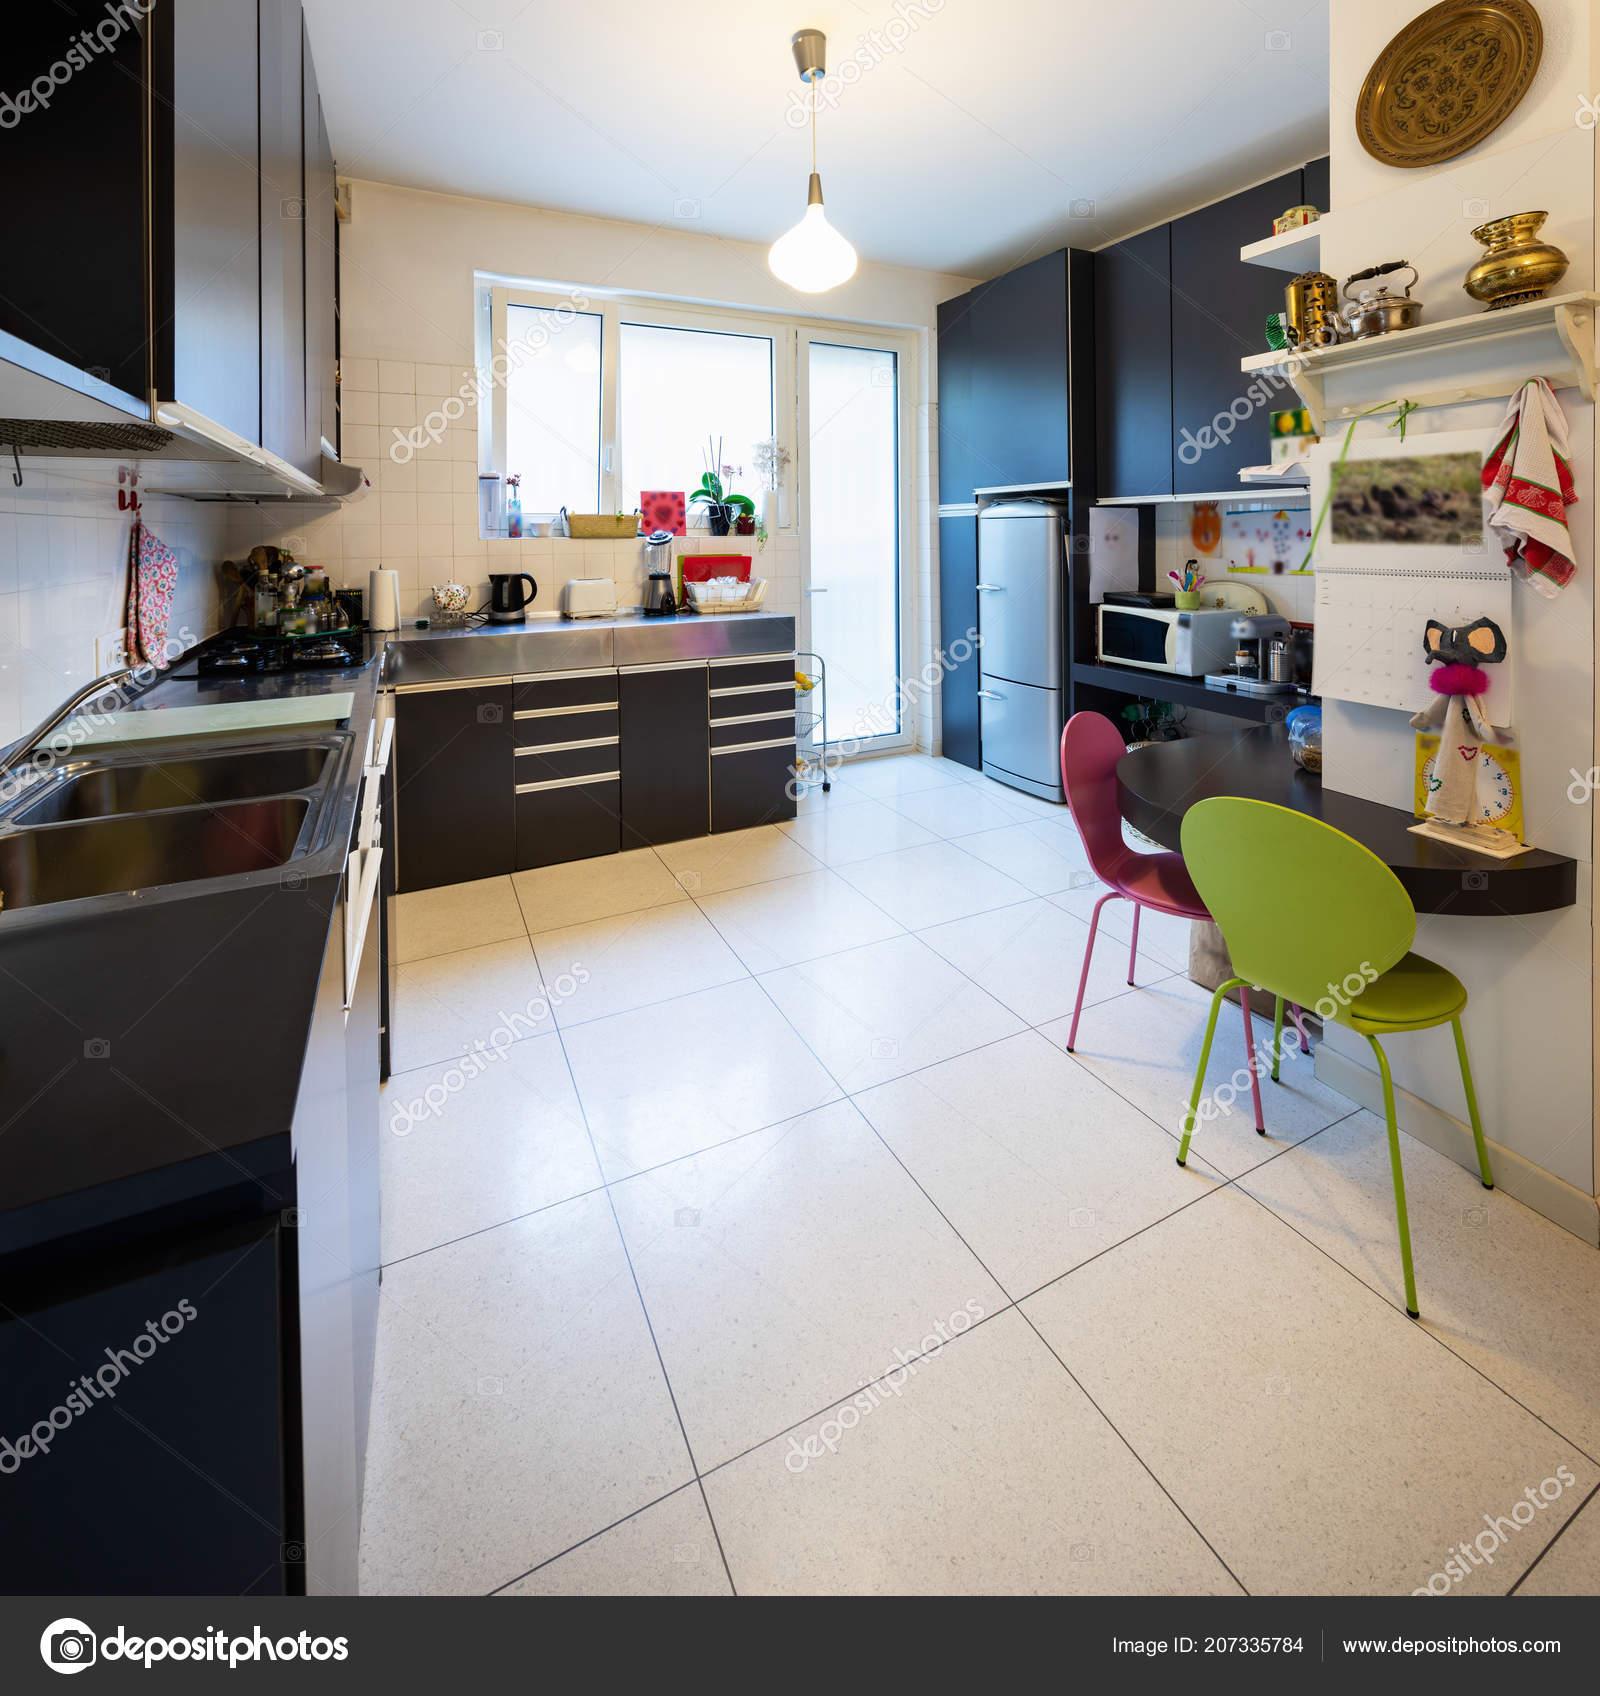 Cocina Con Muebles Oscuros Ventana Brillante Nadie Dentro — Fotos de ...